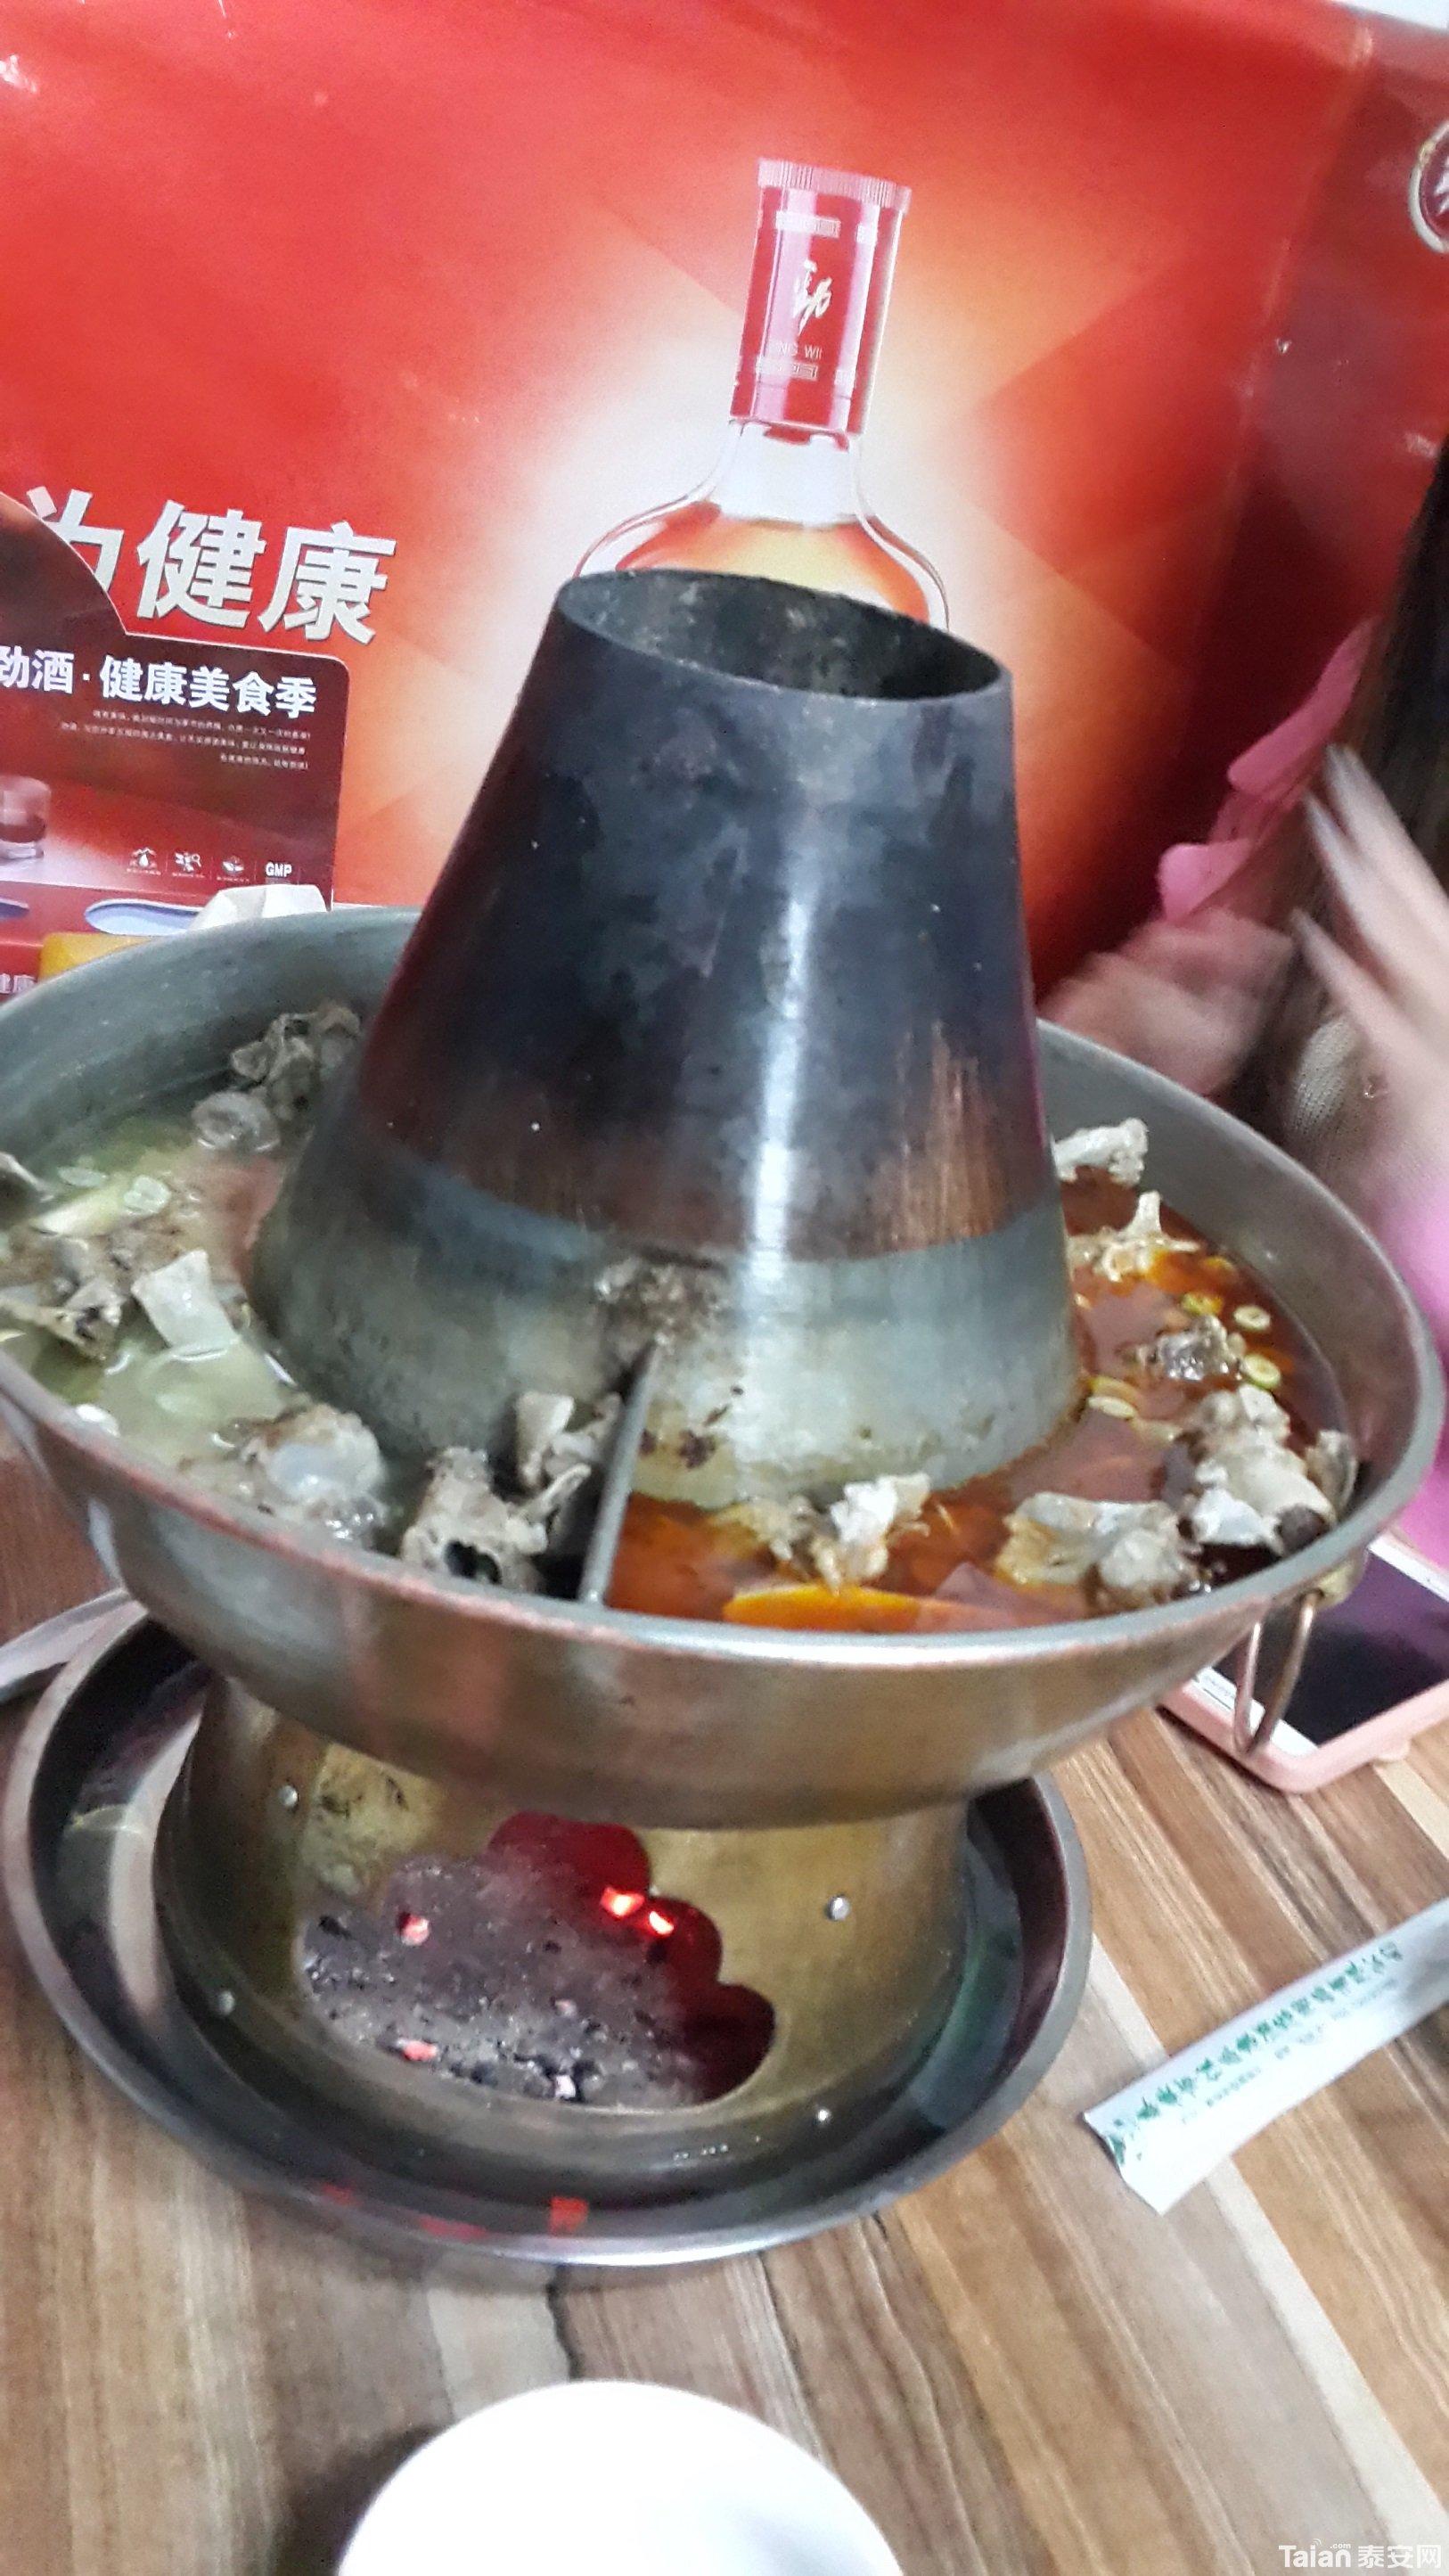 的冬季,正是吃火锅的好时节